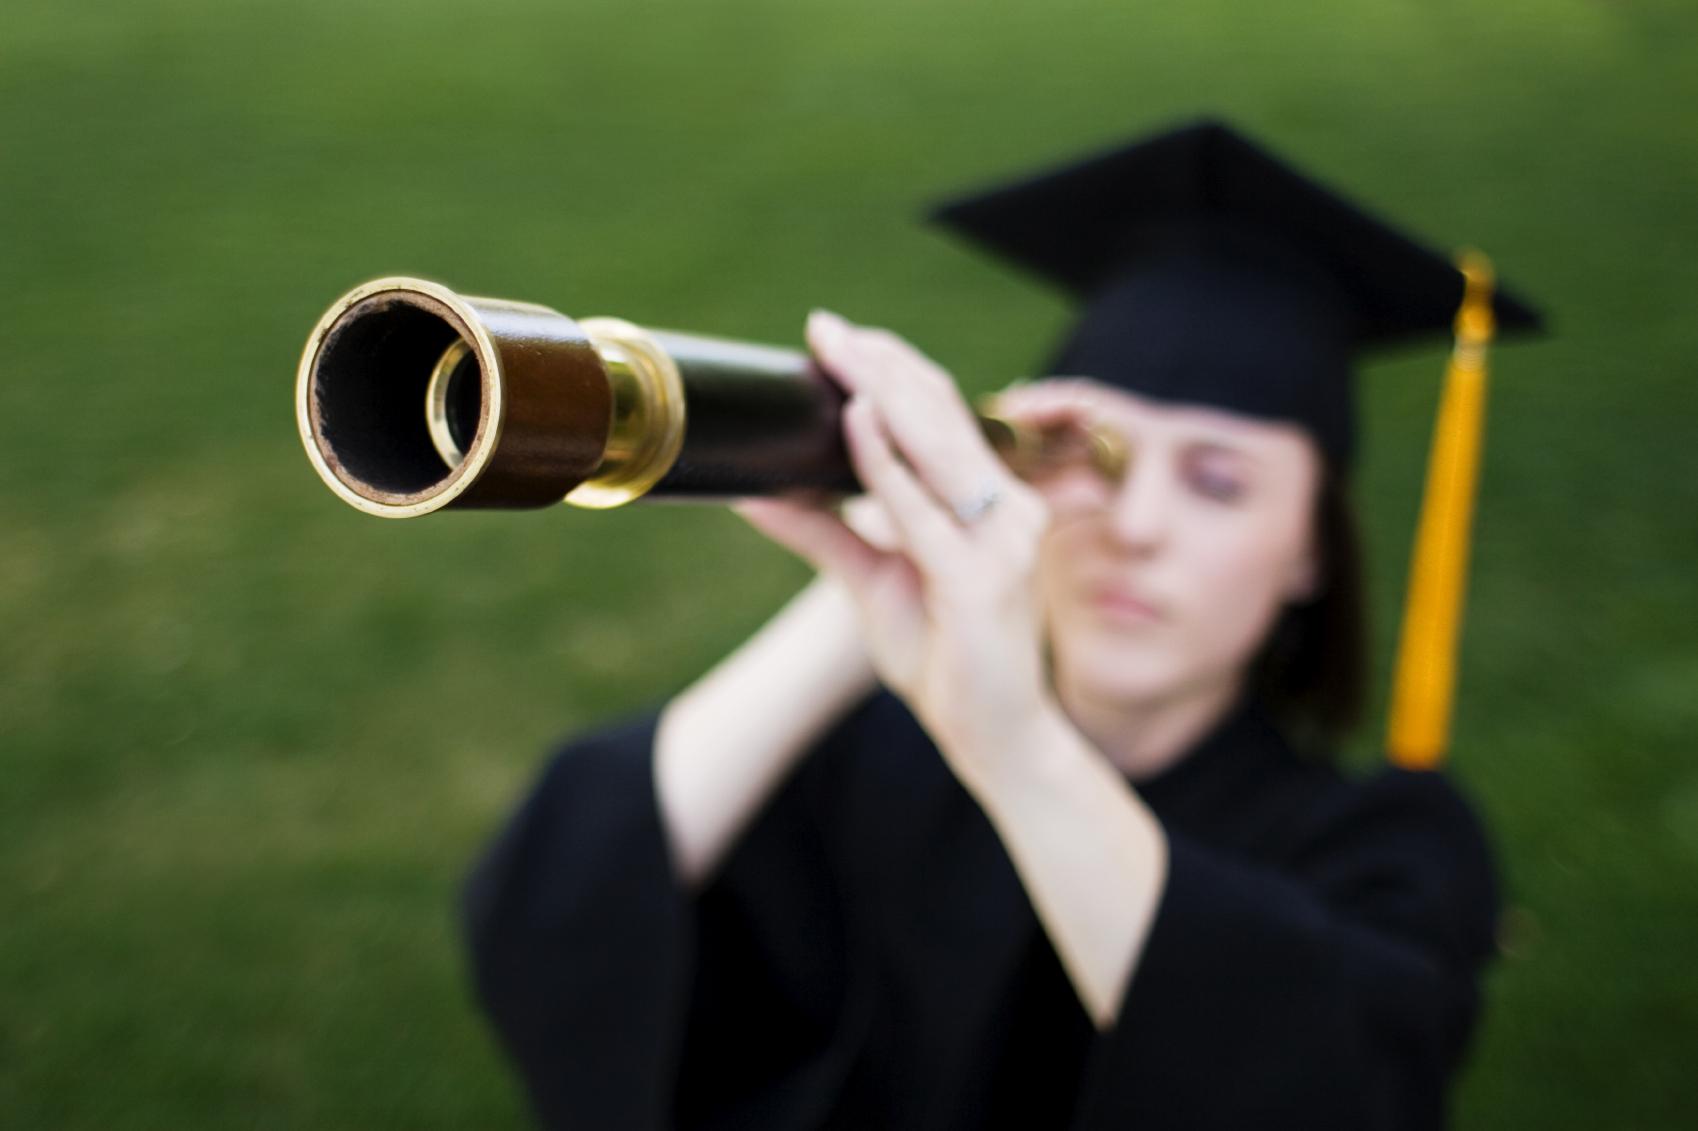 Im Studium die Zukunft im Blick: wie du den Berufseinstieg vorbereitest